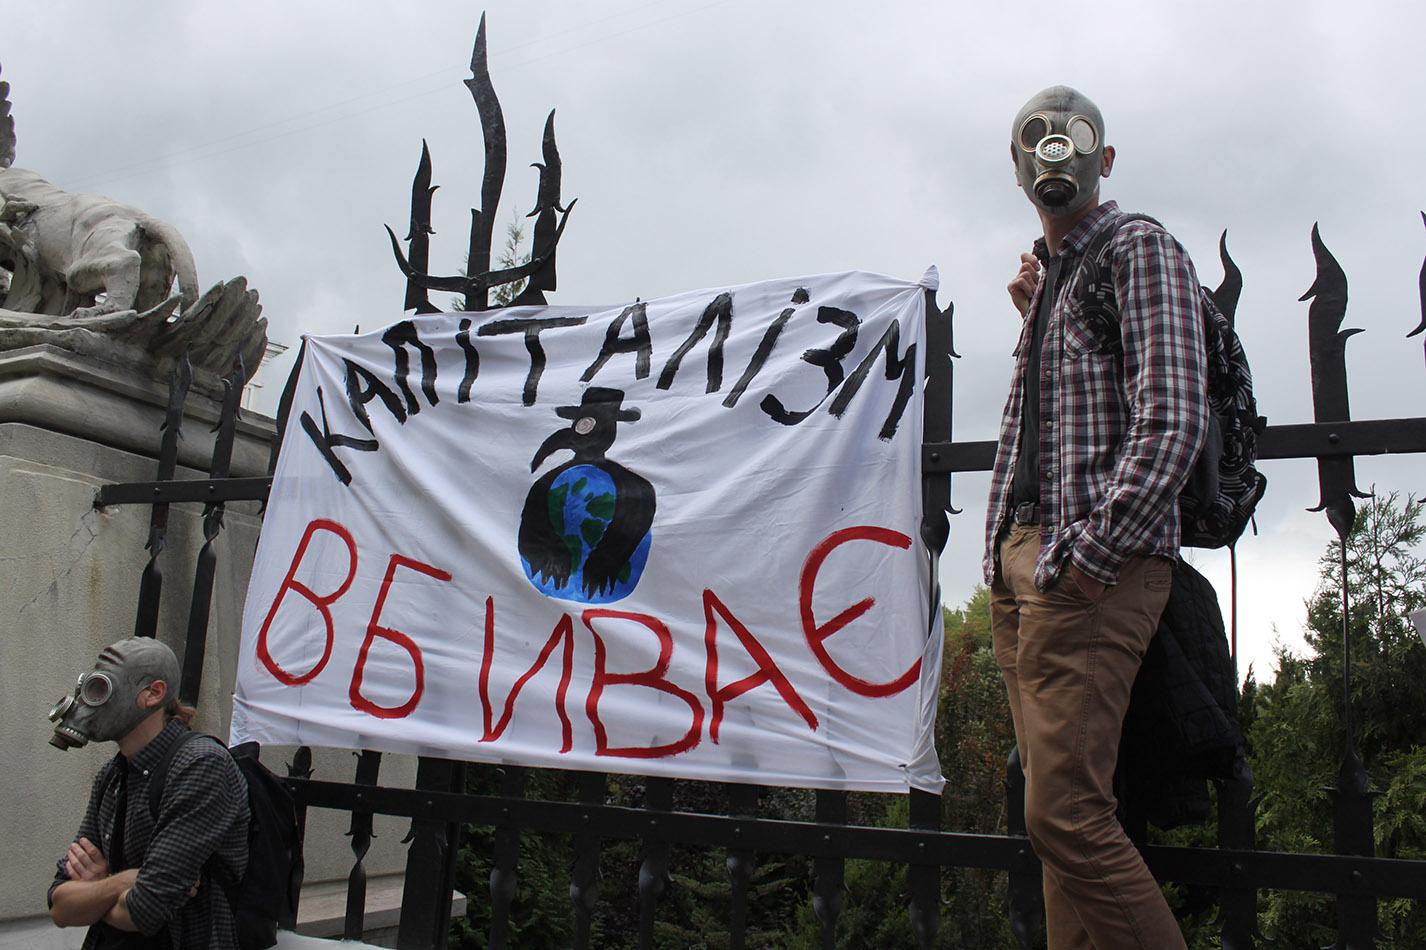 Марш за клімат. Антикапіталізм